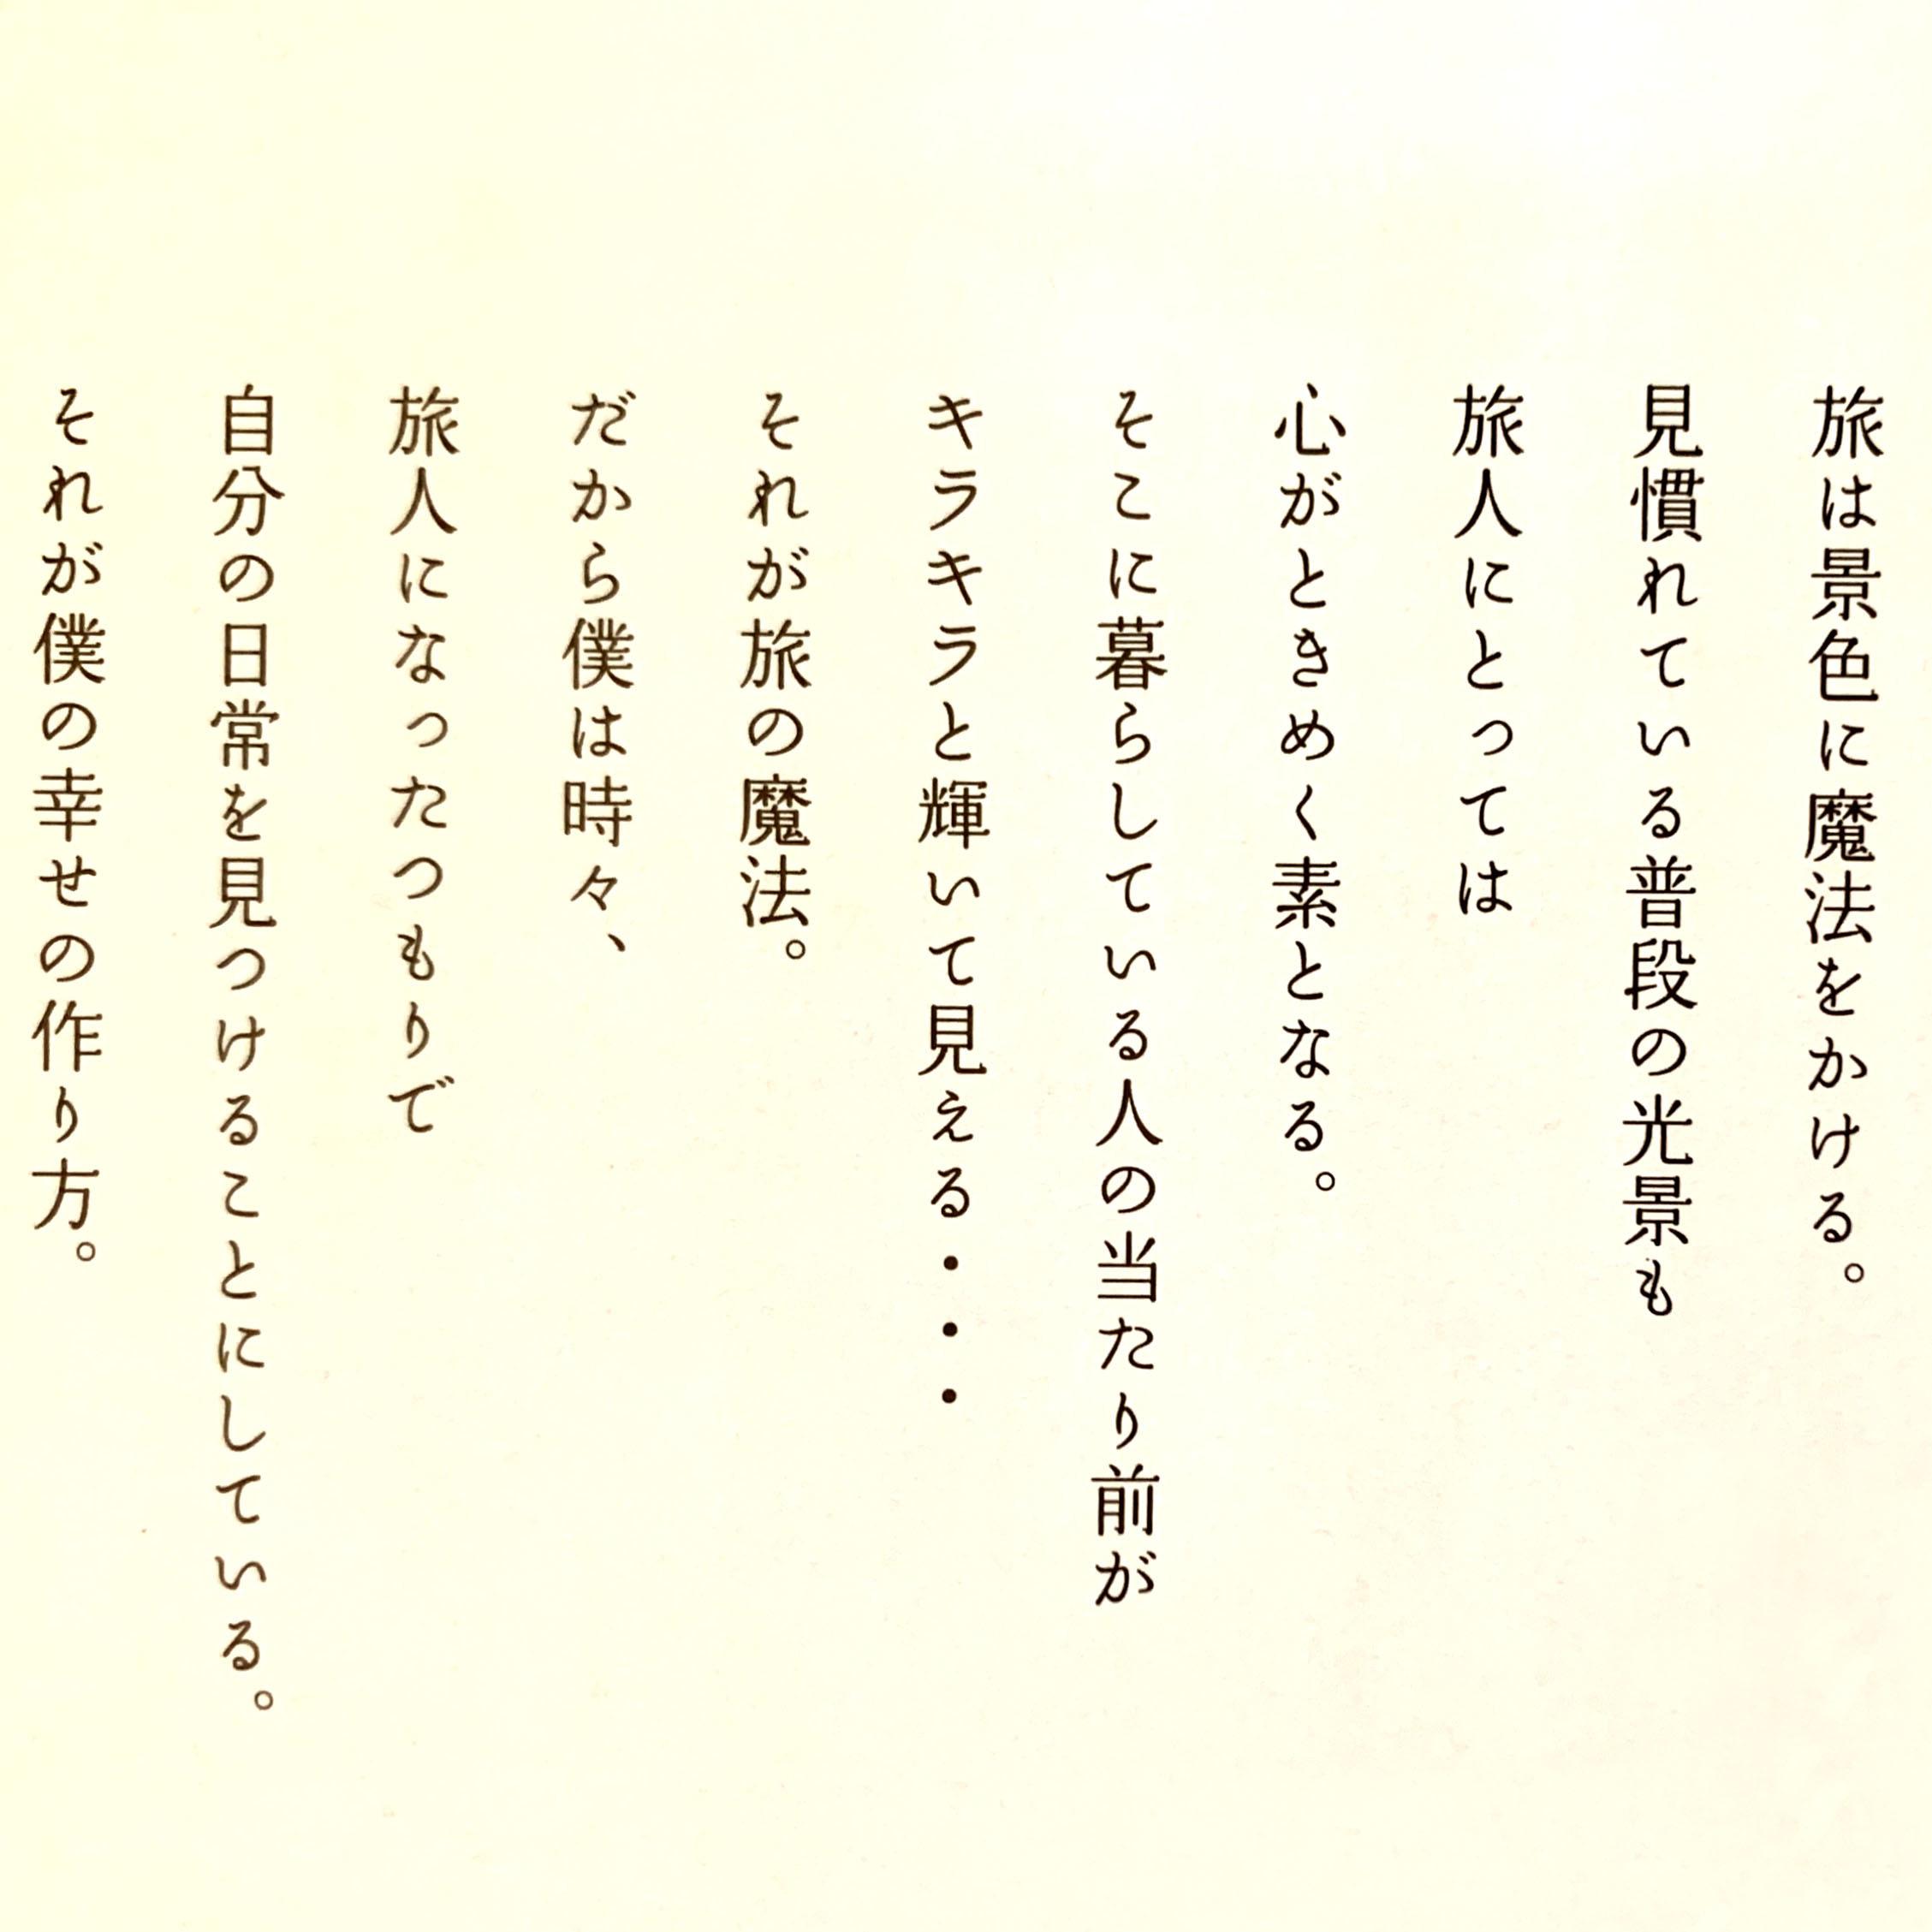 ポカポカ陽気の東京_f0099102_16142318.jpg